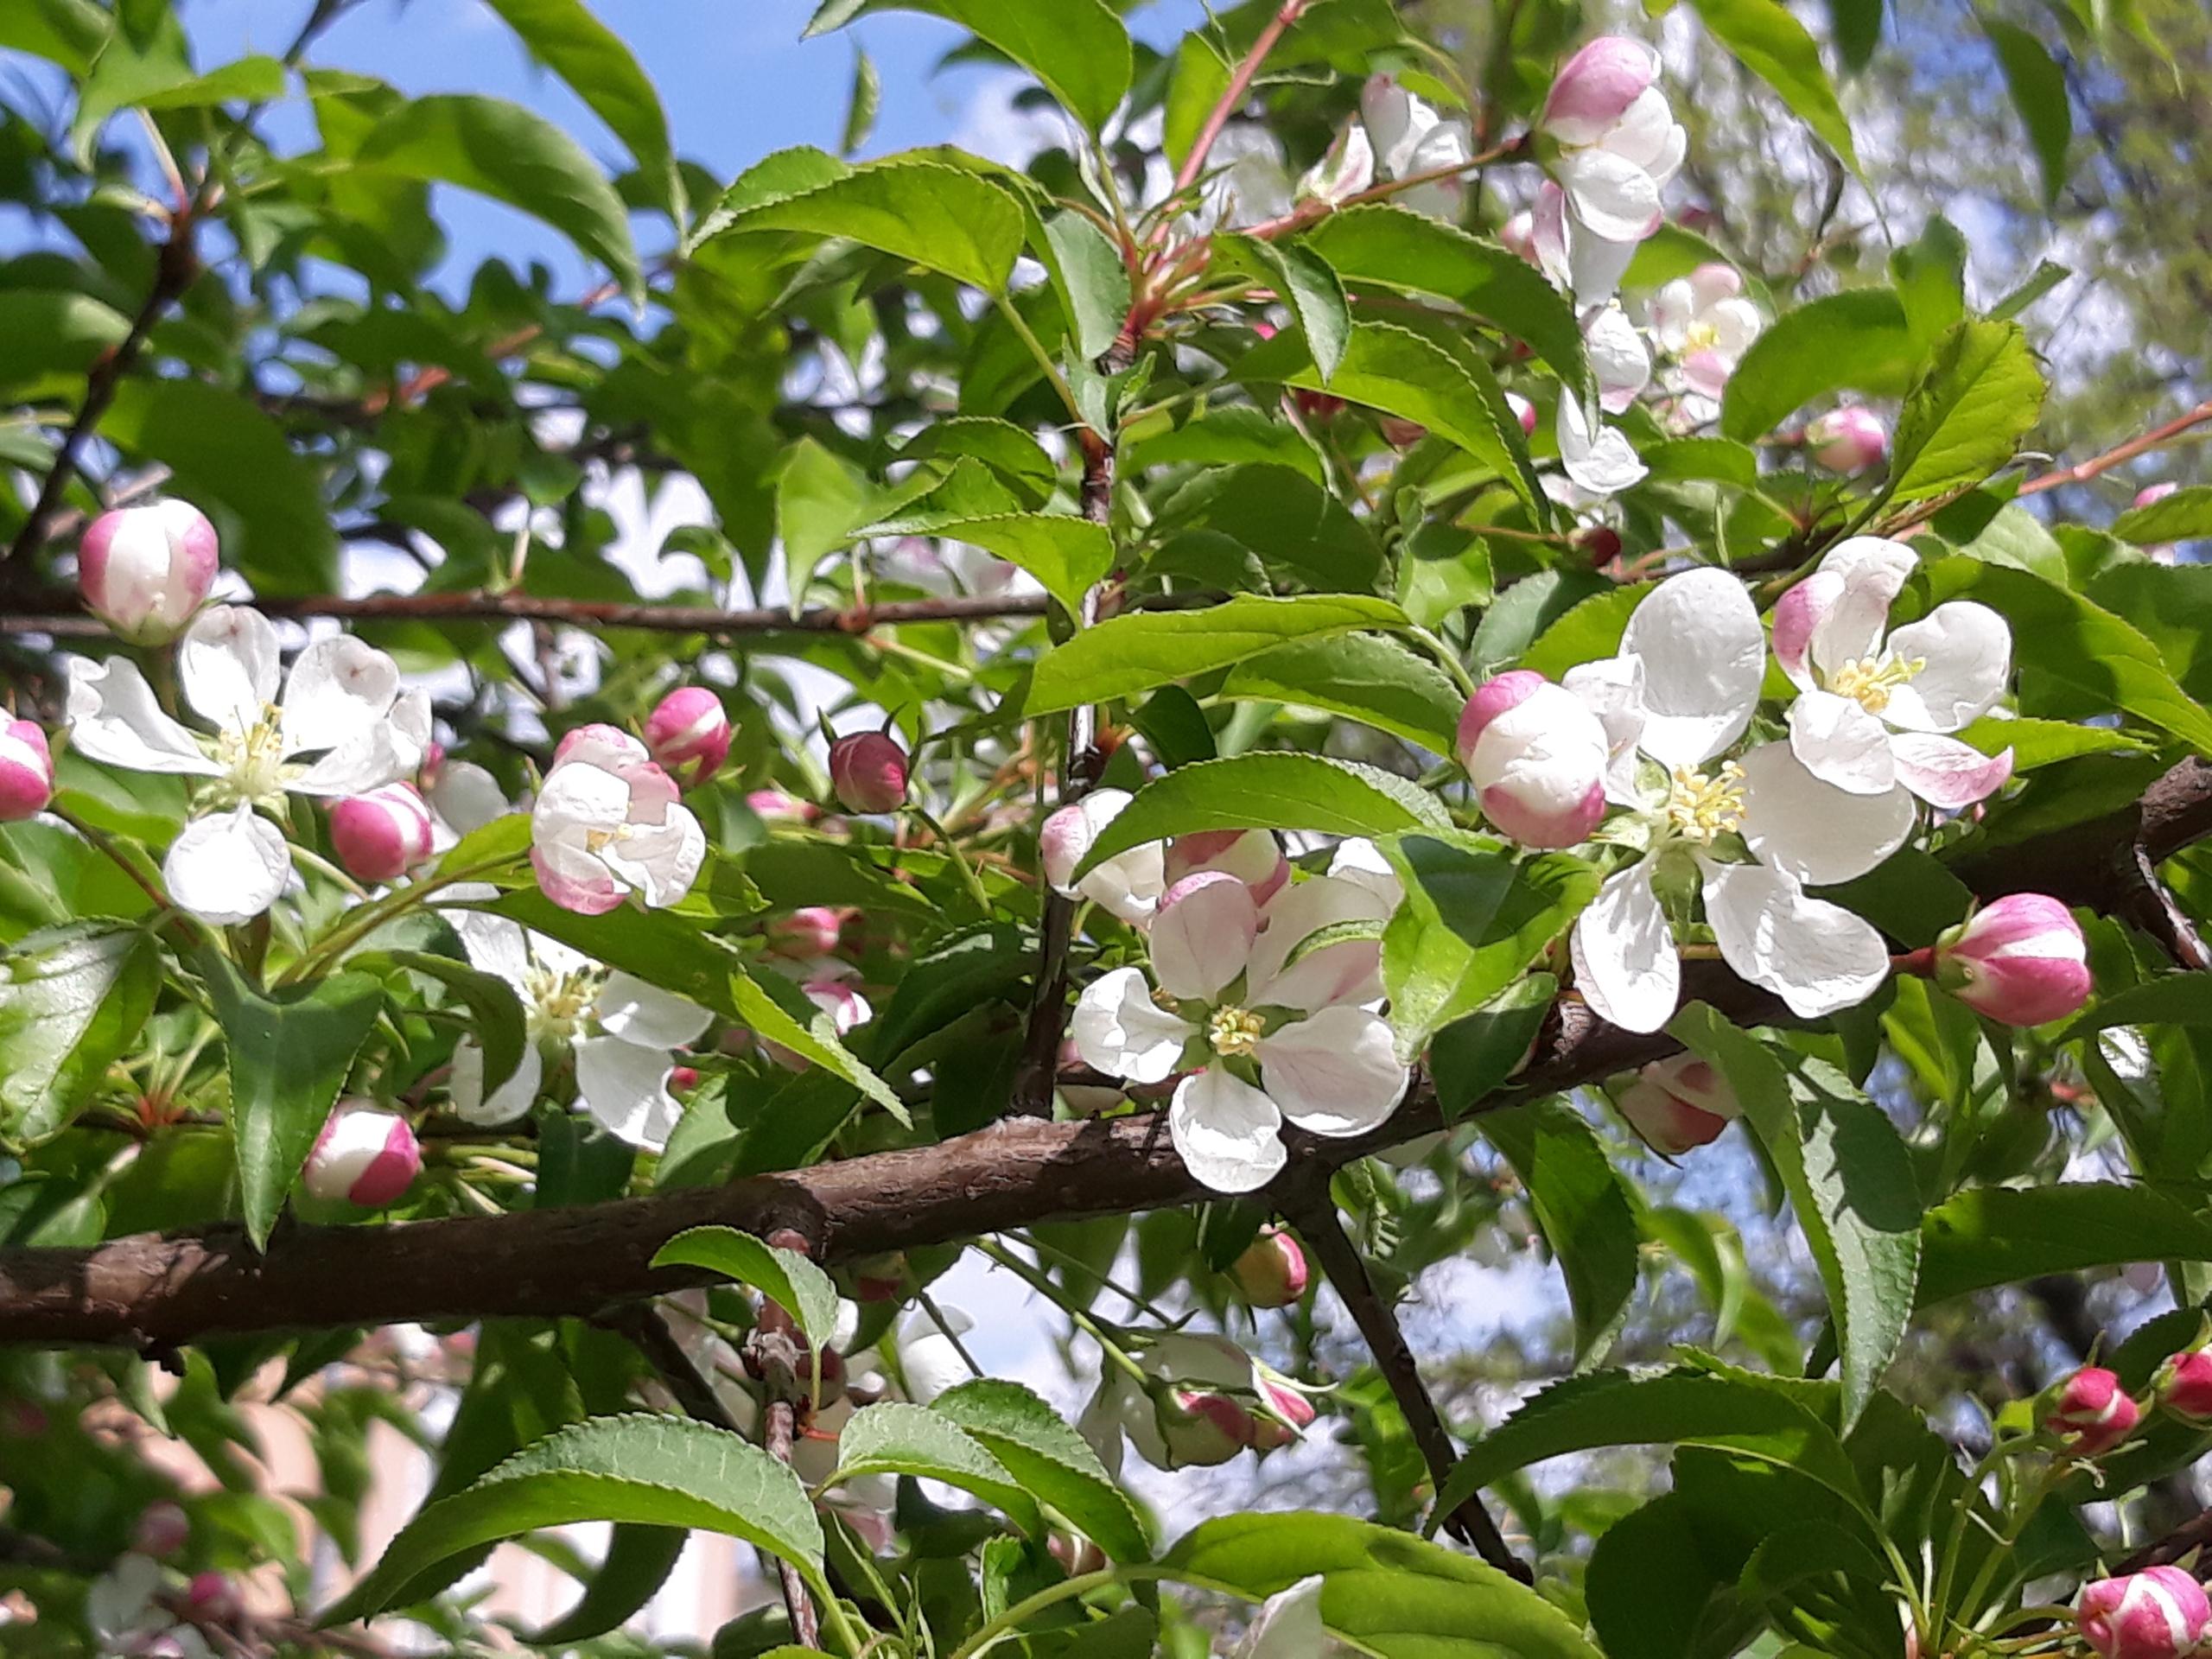 Сорта яблонь для сибири: рейтинг самых популярных + фото сортов